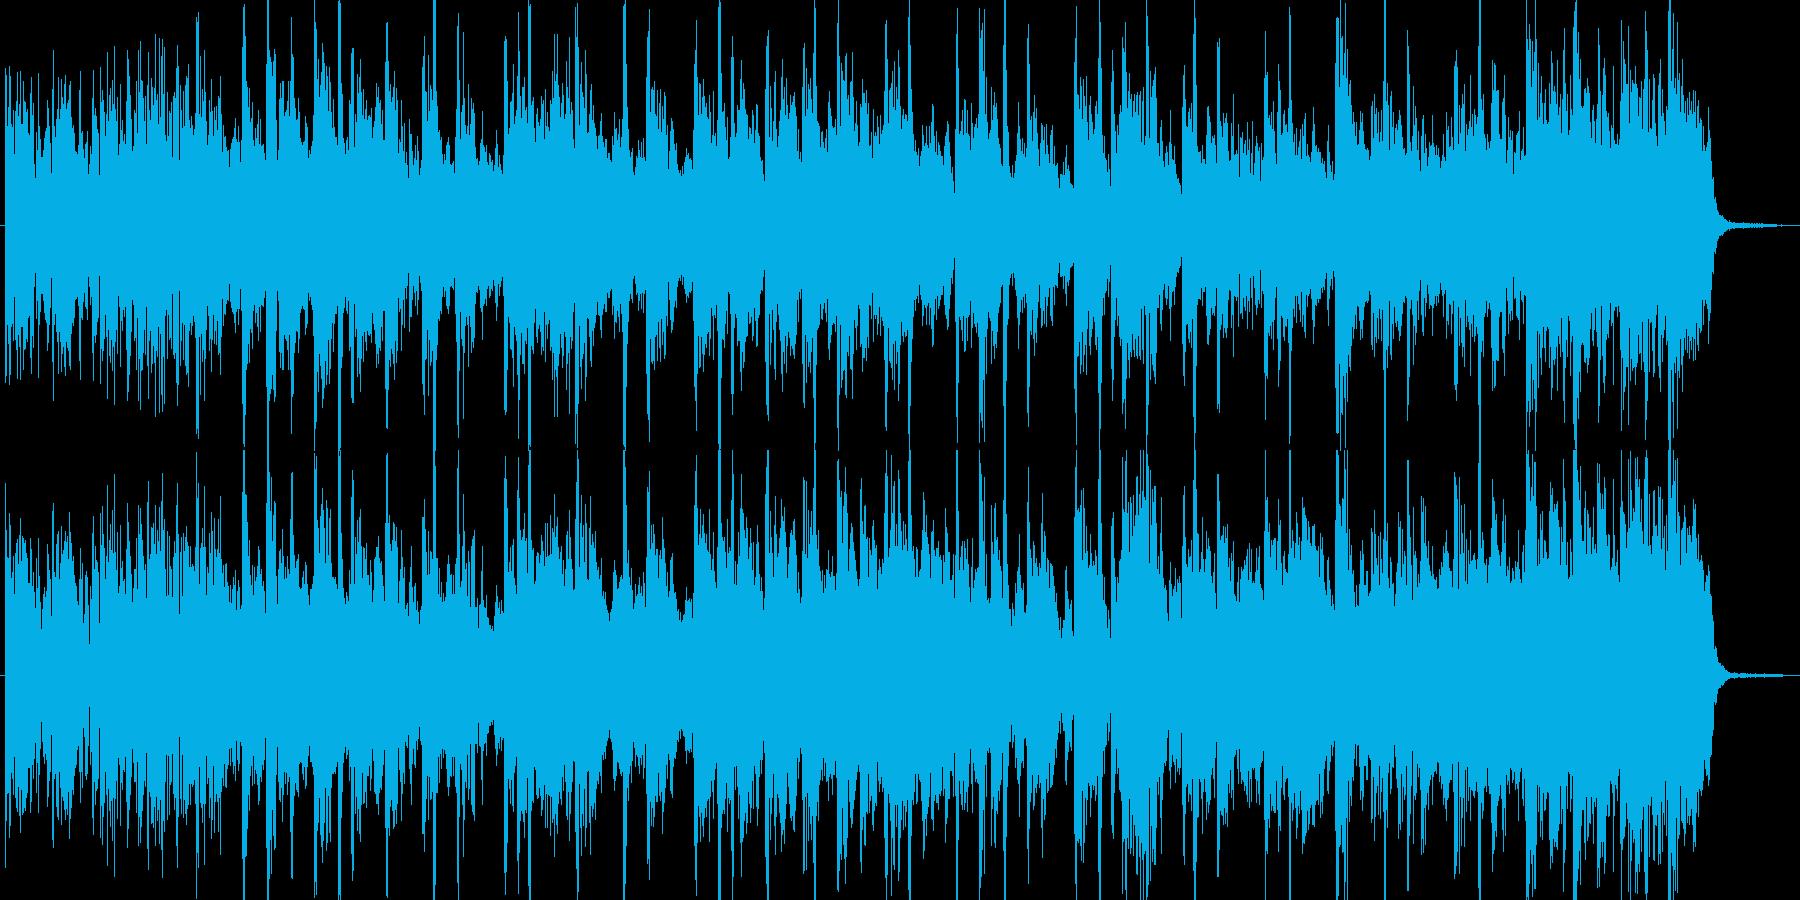 ファンキーで軽快なシンセジングルの再生済みの波形